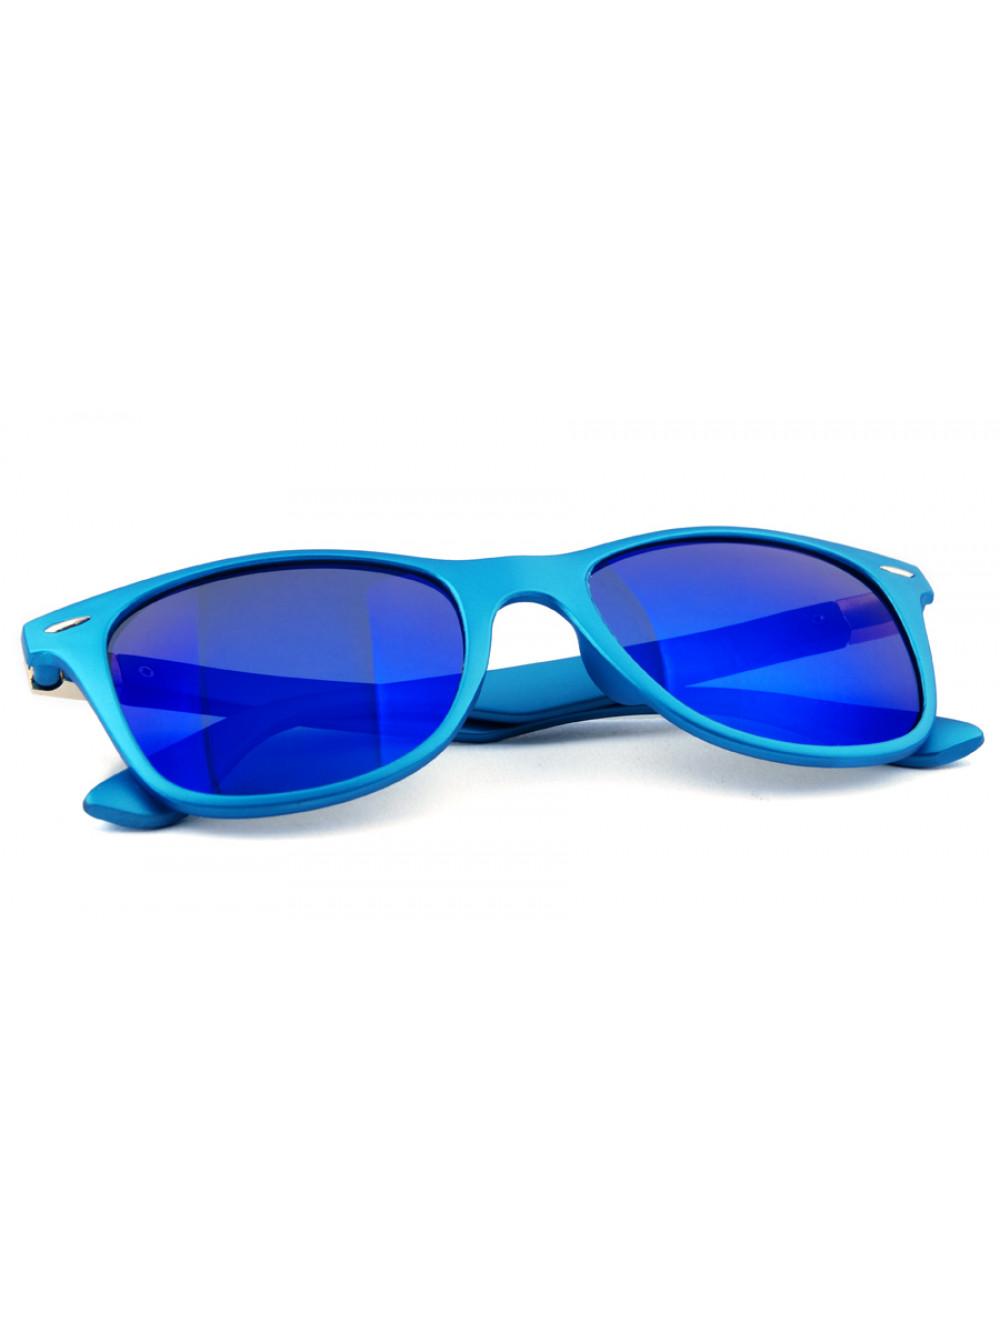 051fcca84 Slnečné okuliare Premium Blue polarizačné